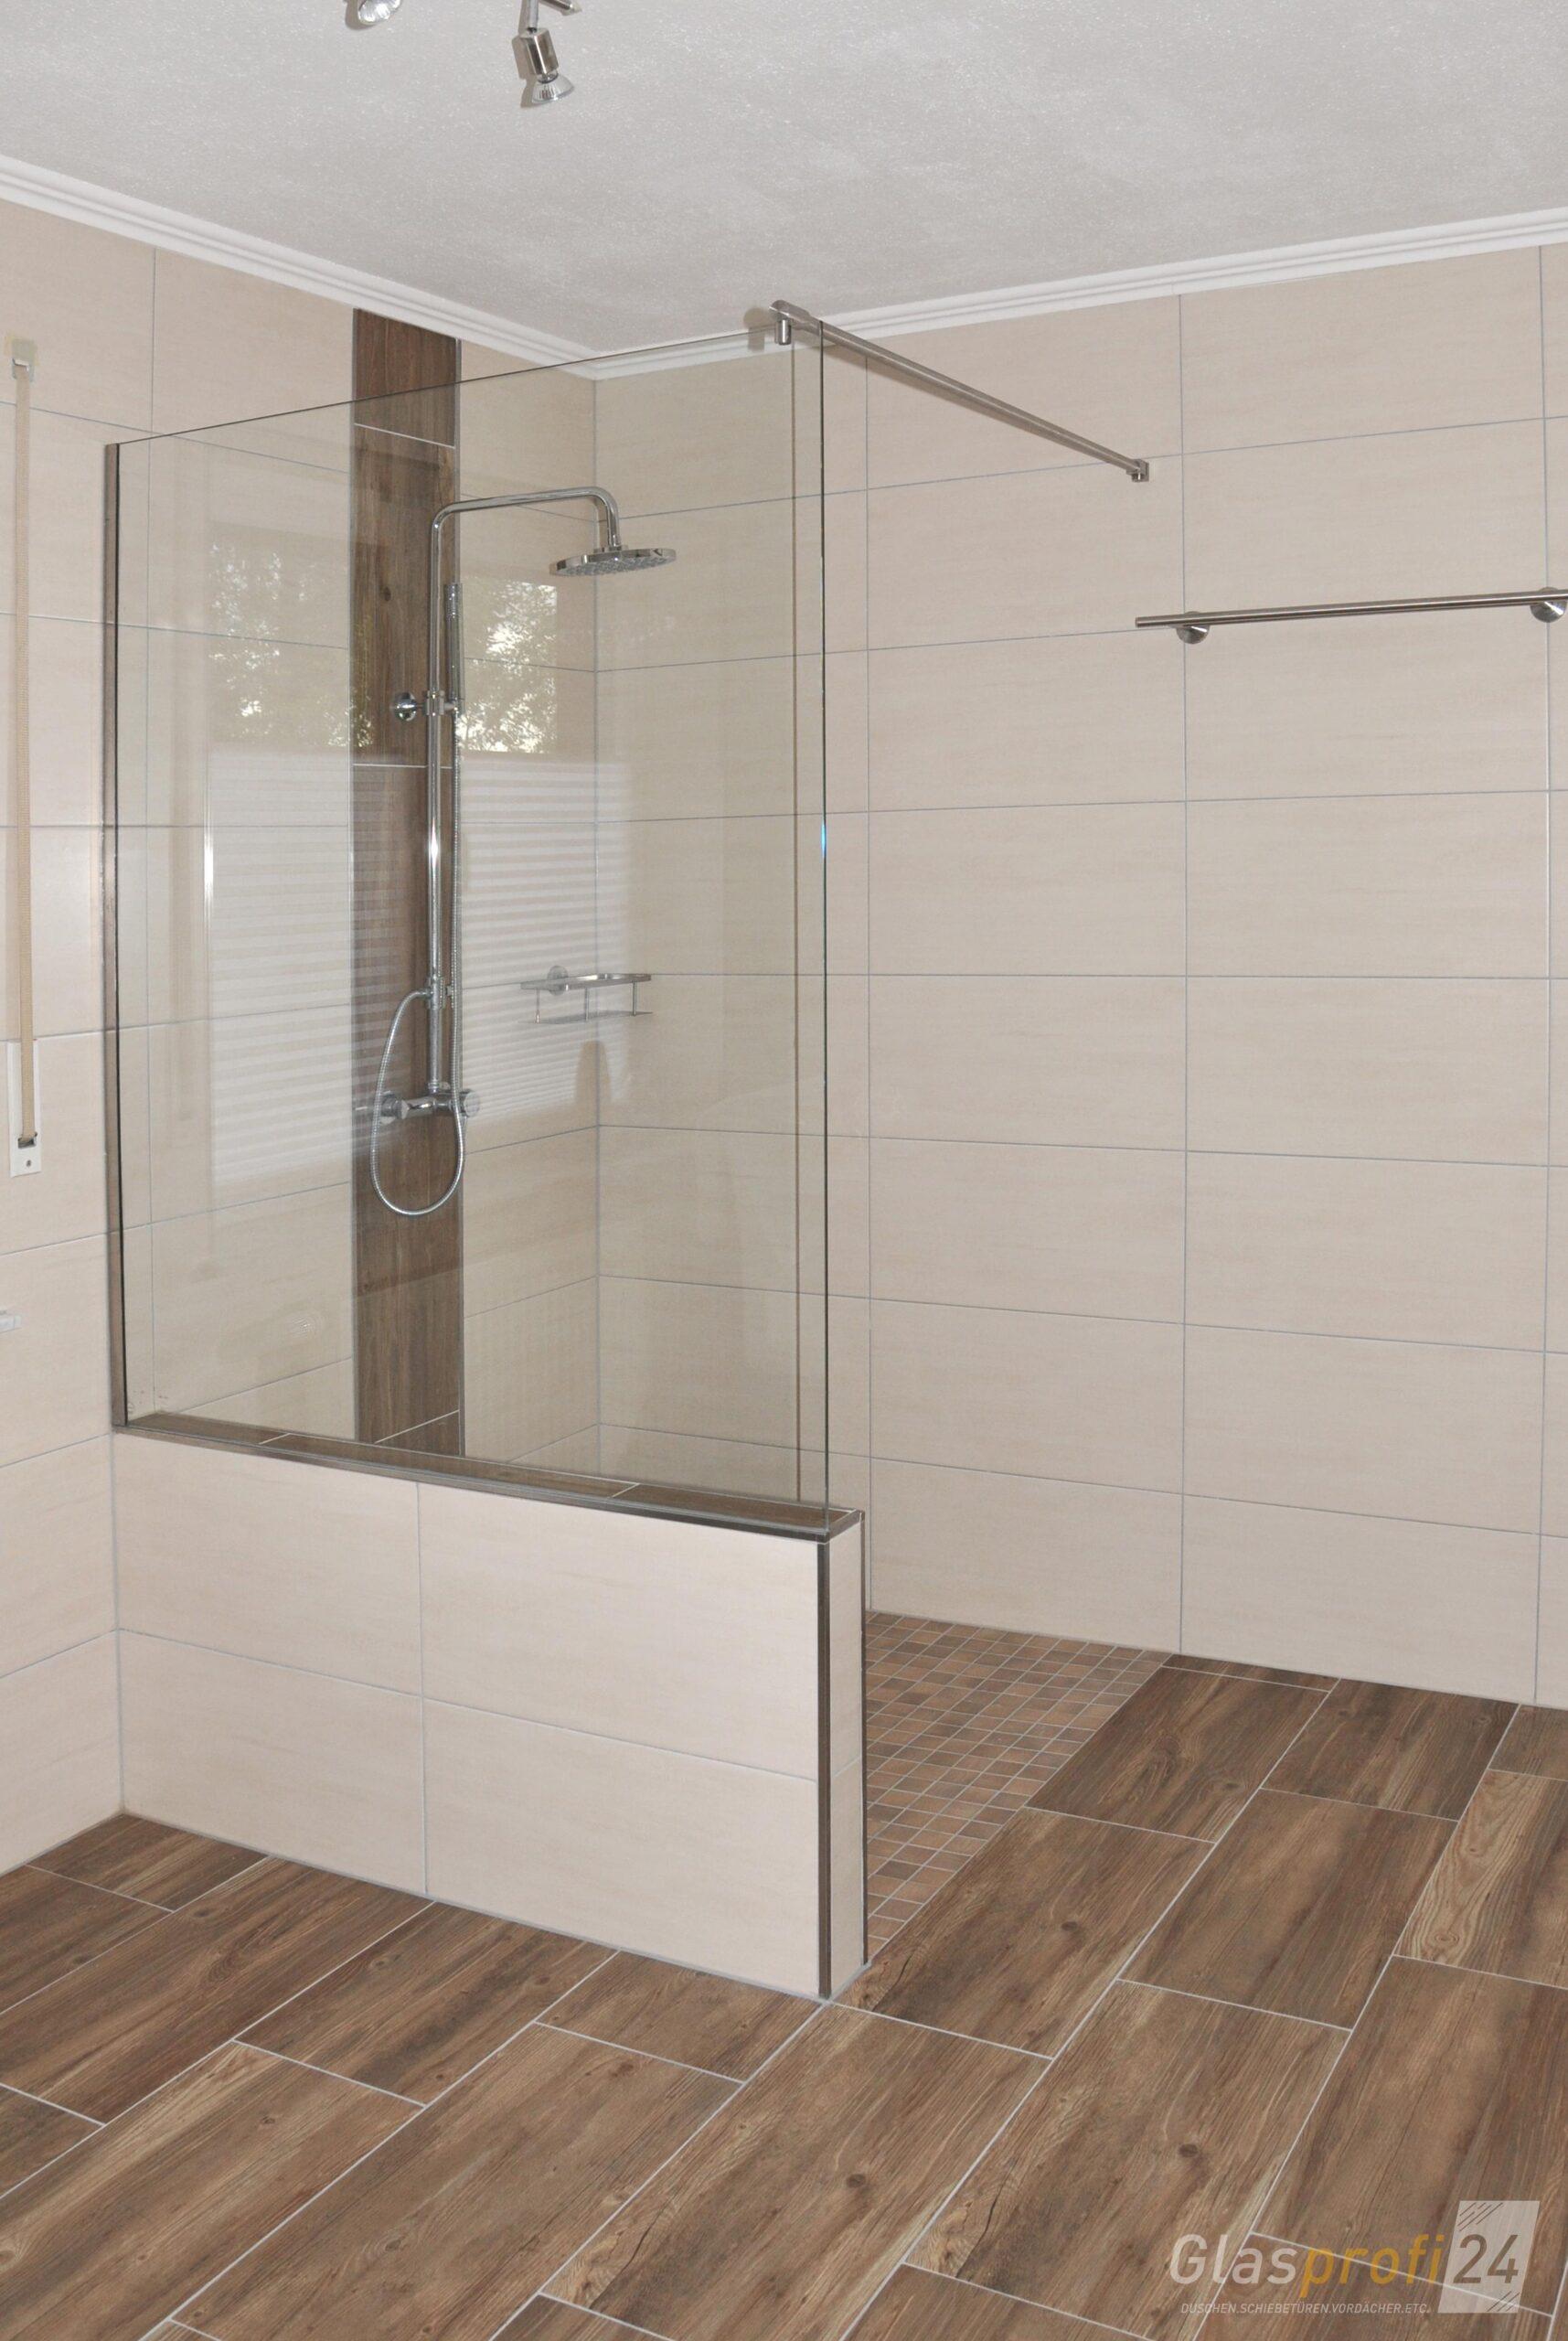 Full Size of Ebenerdige Dusche Kosten Fenster Einbauen Mischbatterie Kaufen Neue Hüppe Eckeinstieg Bodengleiche Duschen Behindertengerechte Begehbare Unterputz Armatur Dusche Bodengleiche Dusche Nachträglich Einbauen